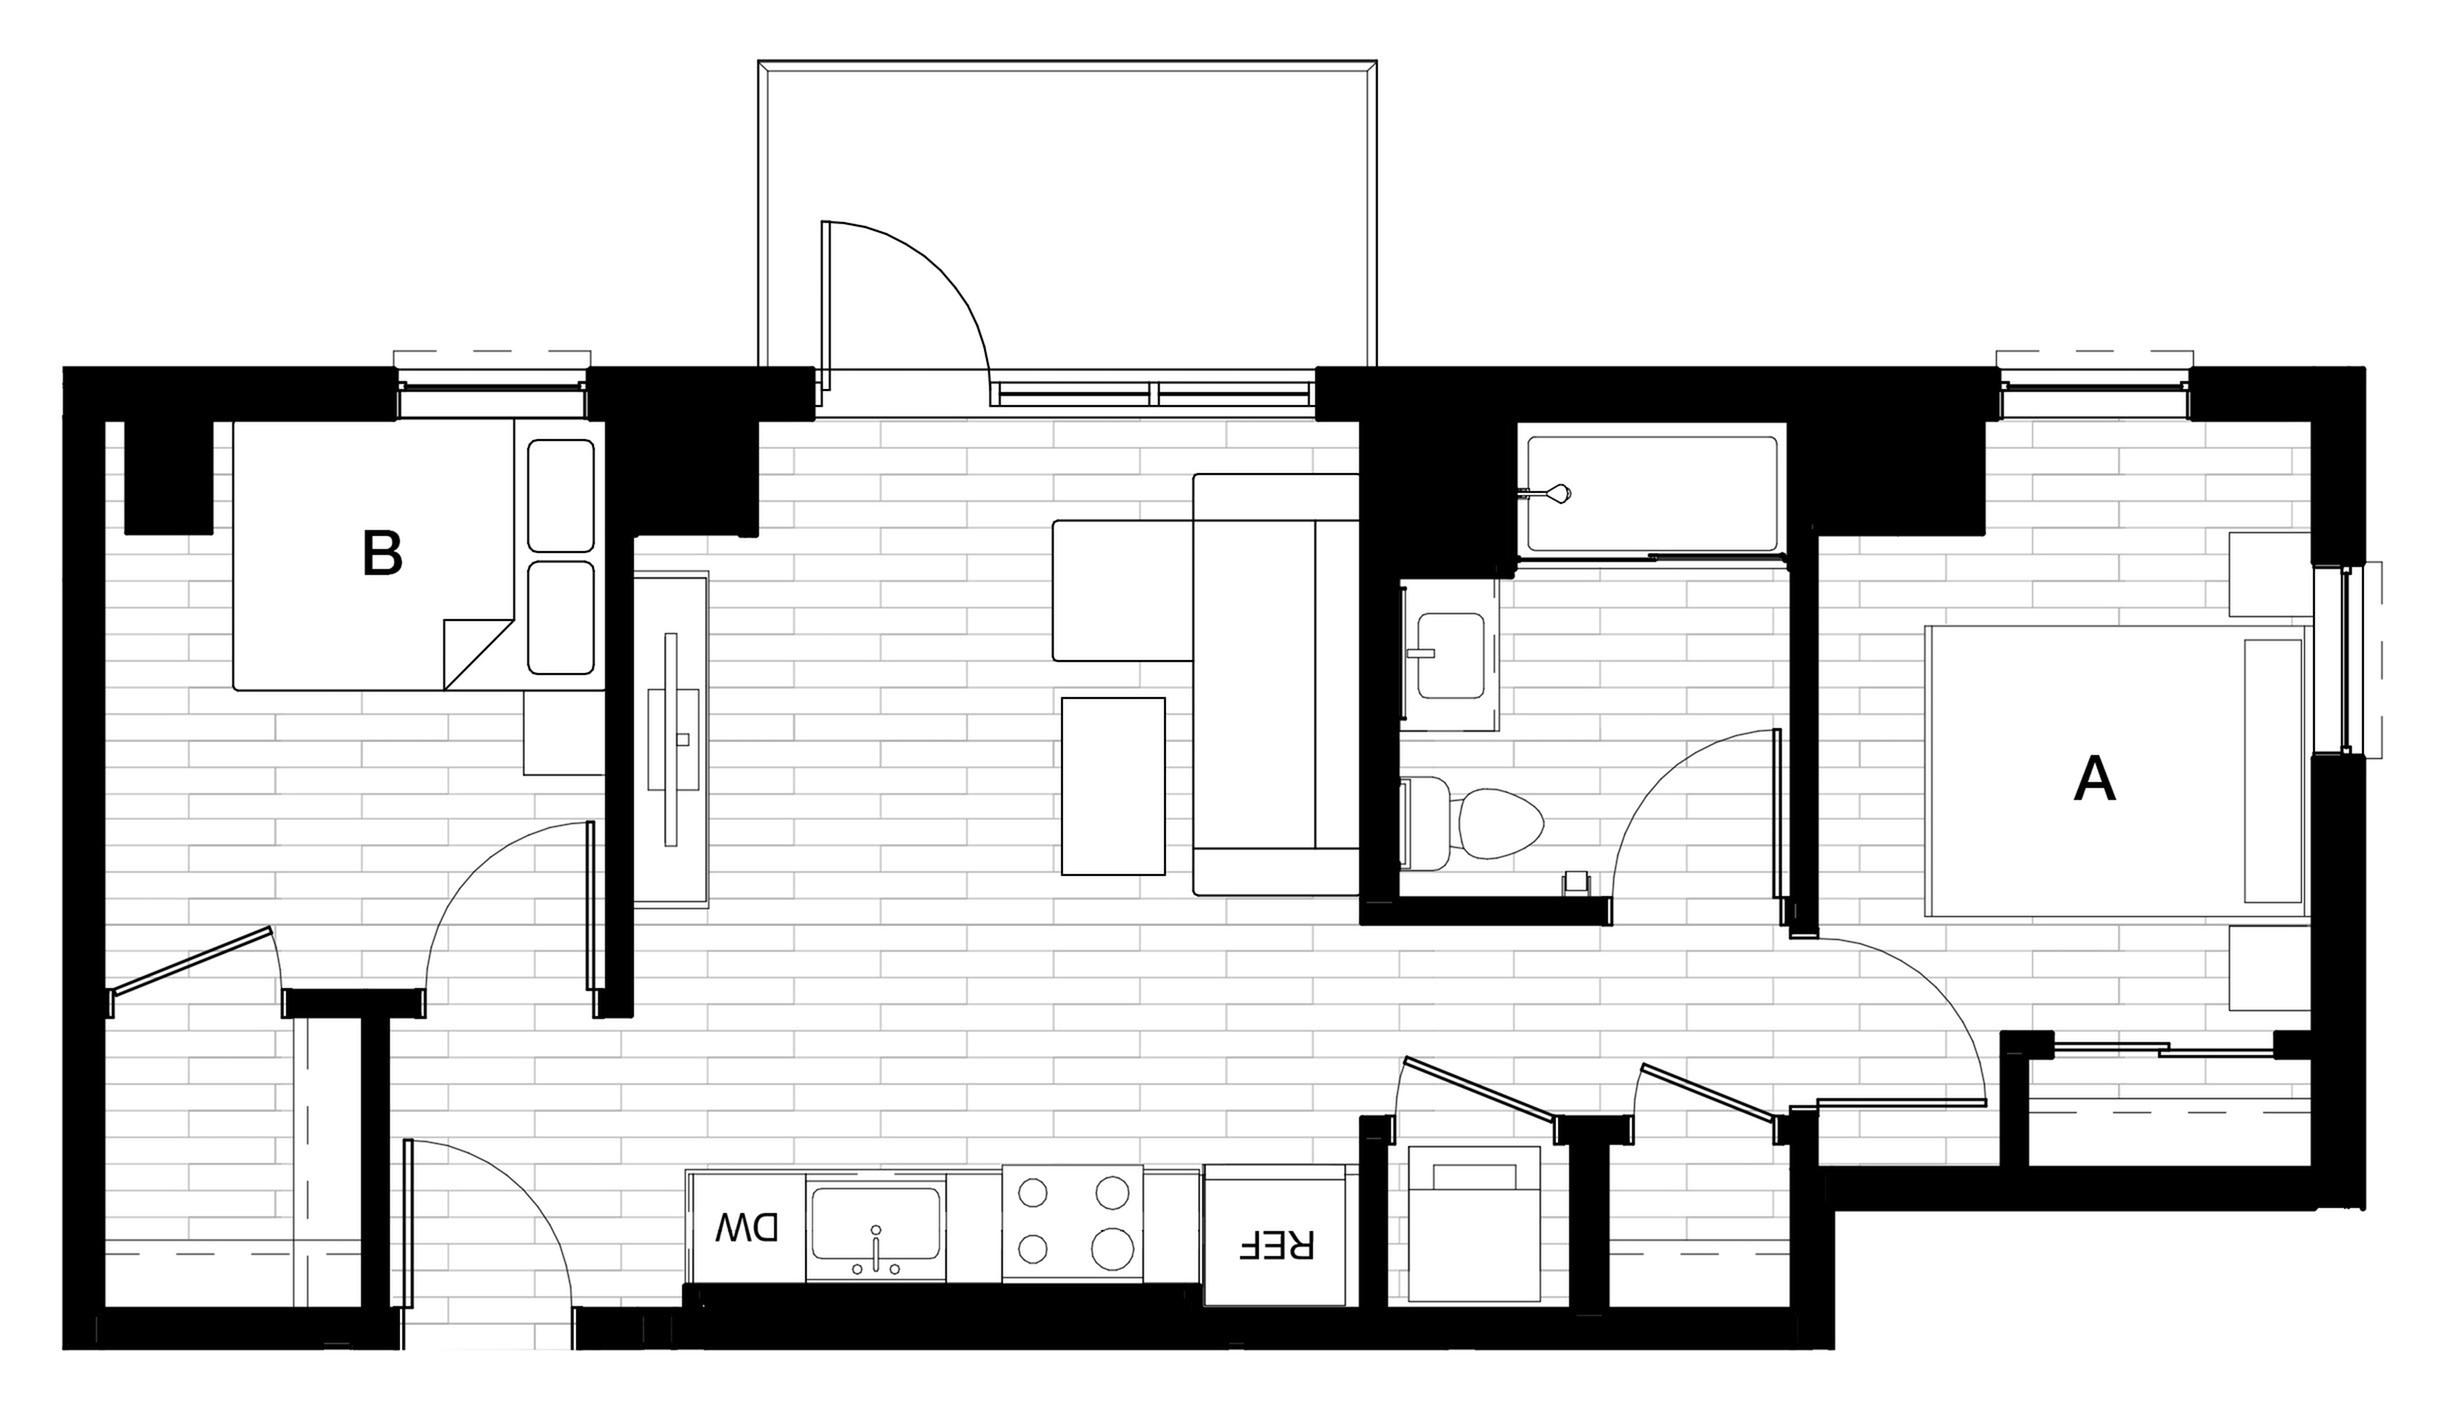 2X1 A - Balcony